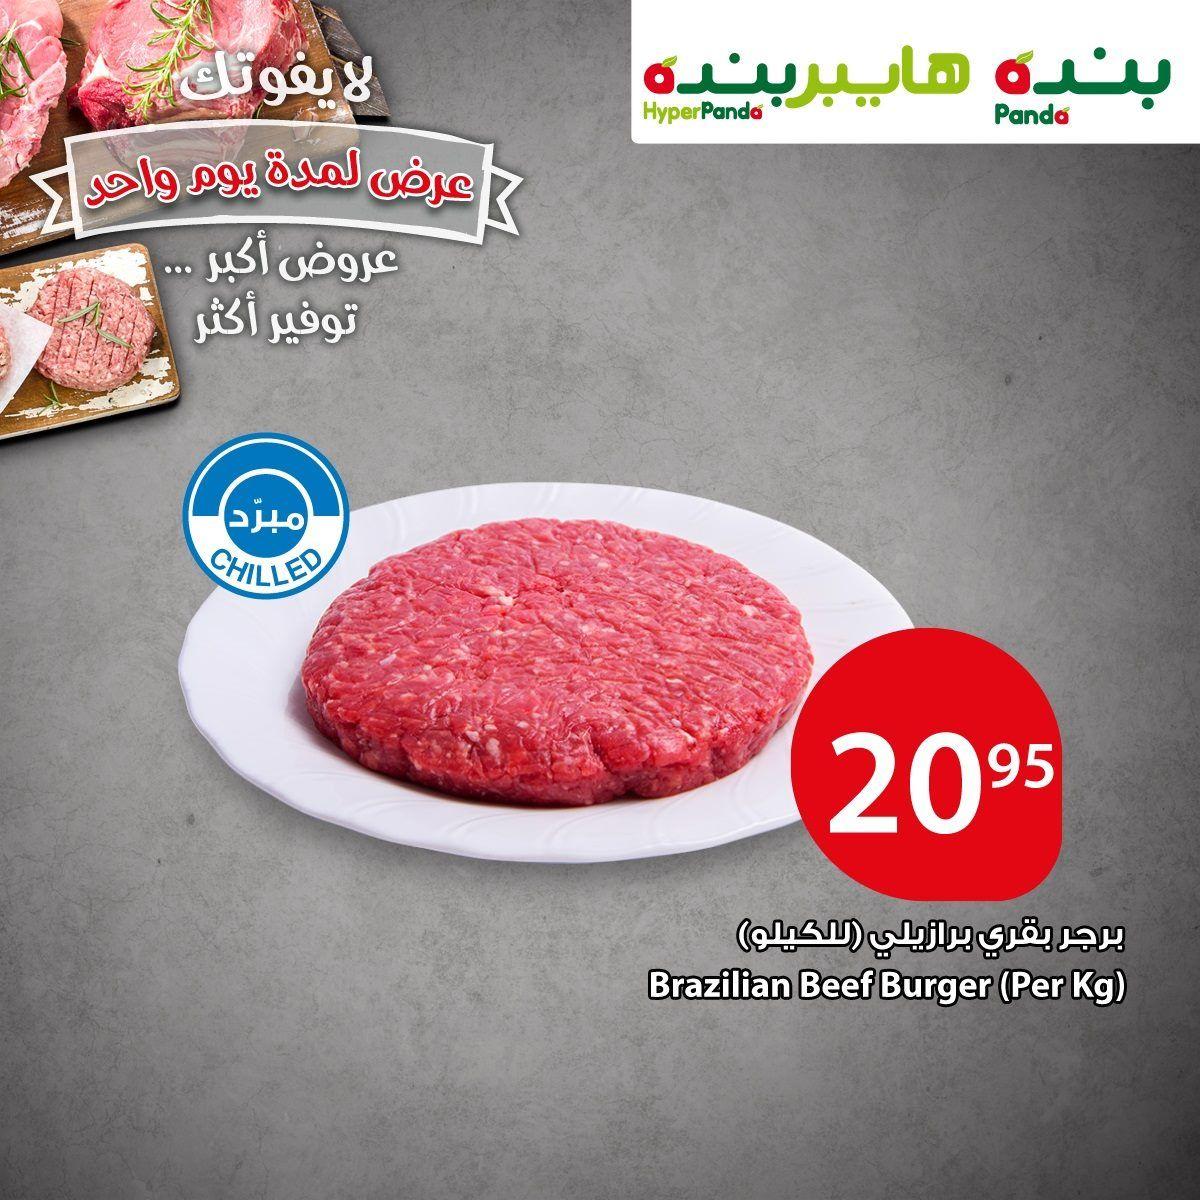 عروض هايبر بنده السعوديه اليوم الثلاثاء 15 يناير 2019 عروض لمدة يوم واحد Popsockets Food Breakfast